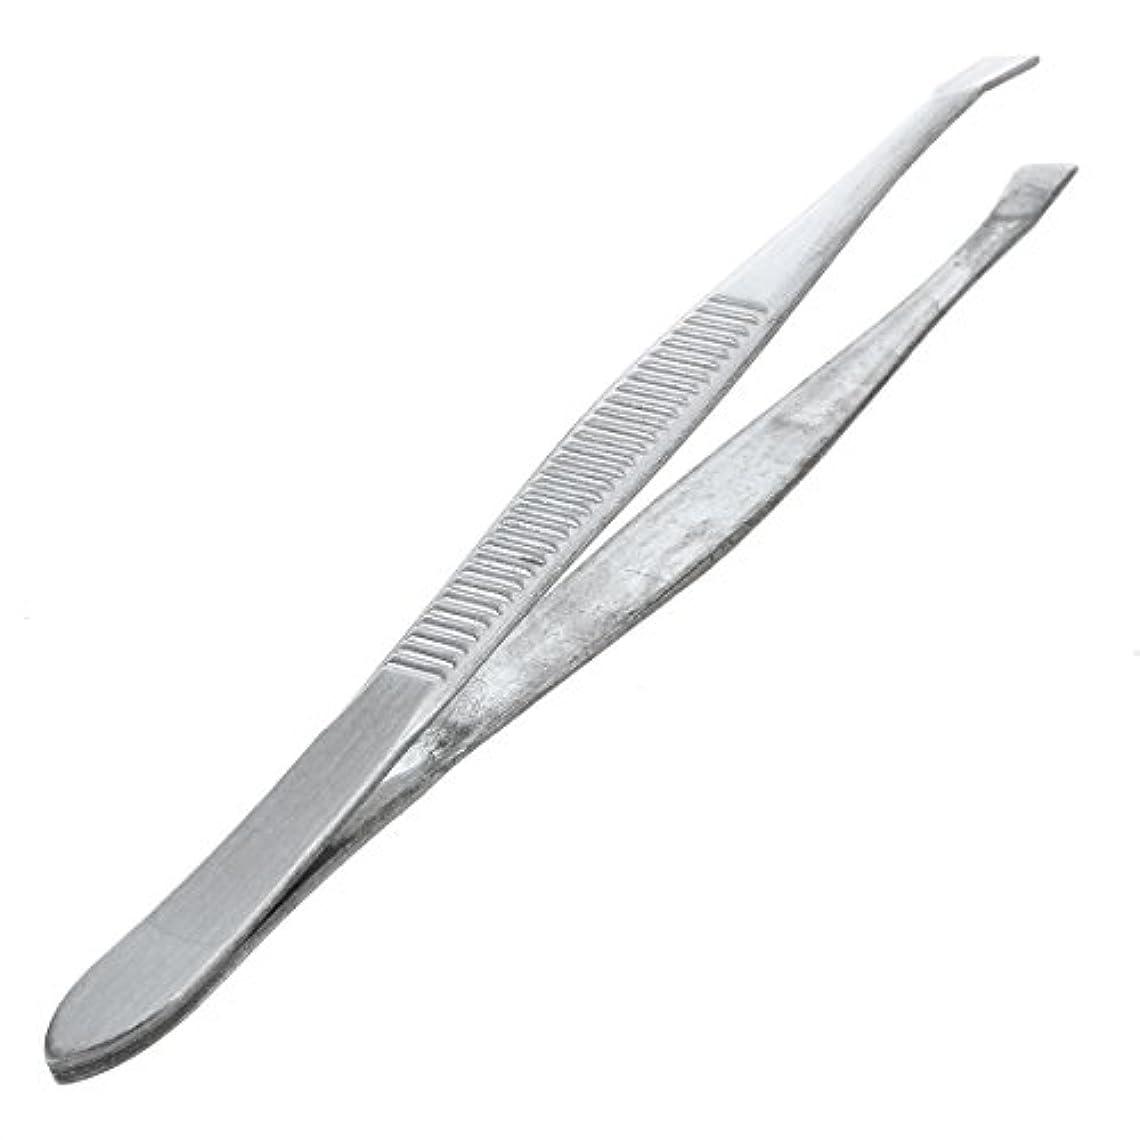 マラウイ別に取り消すACAMPTAR 眉毛ピンセット 脱毛チップ 炭素鋼 傾斜 9cm シルバーカラー